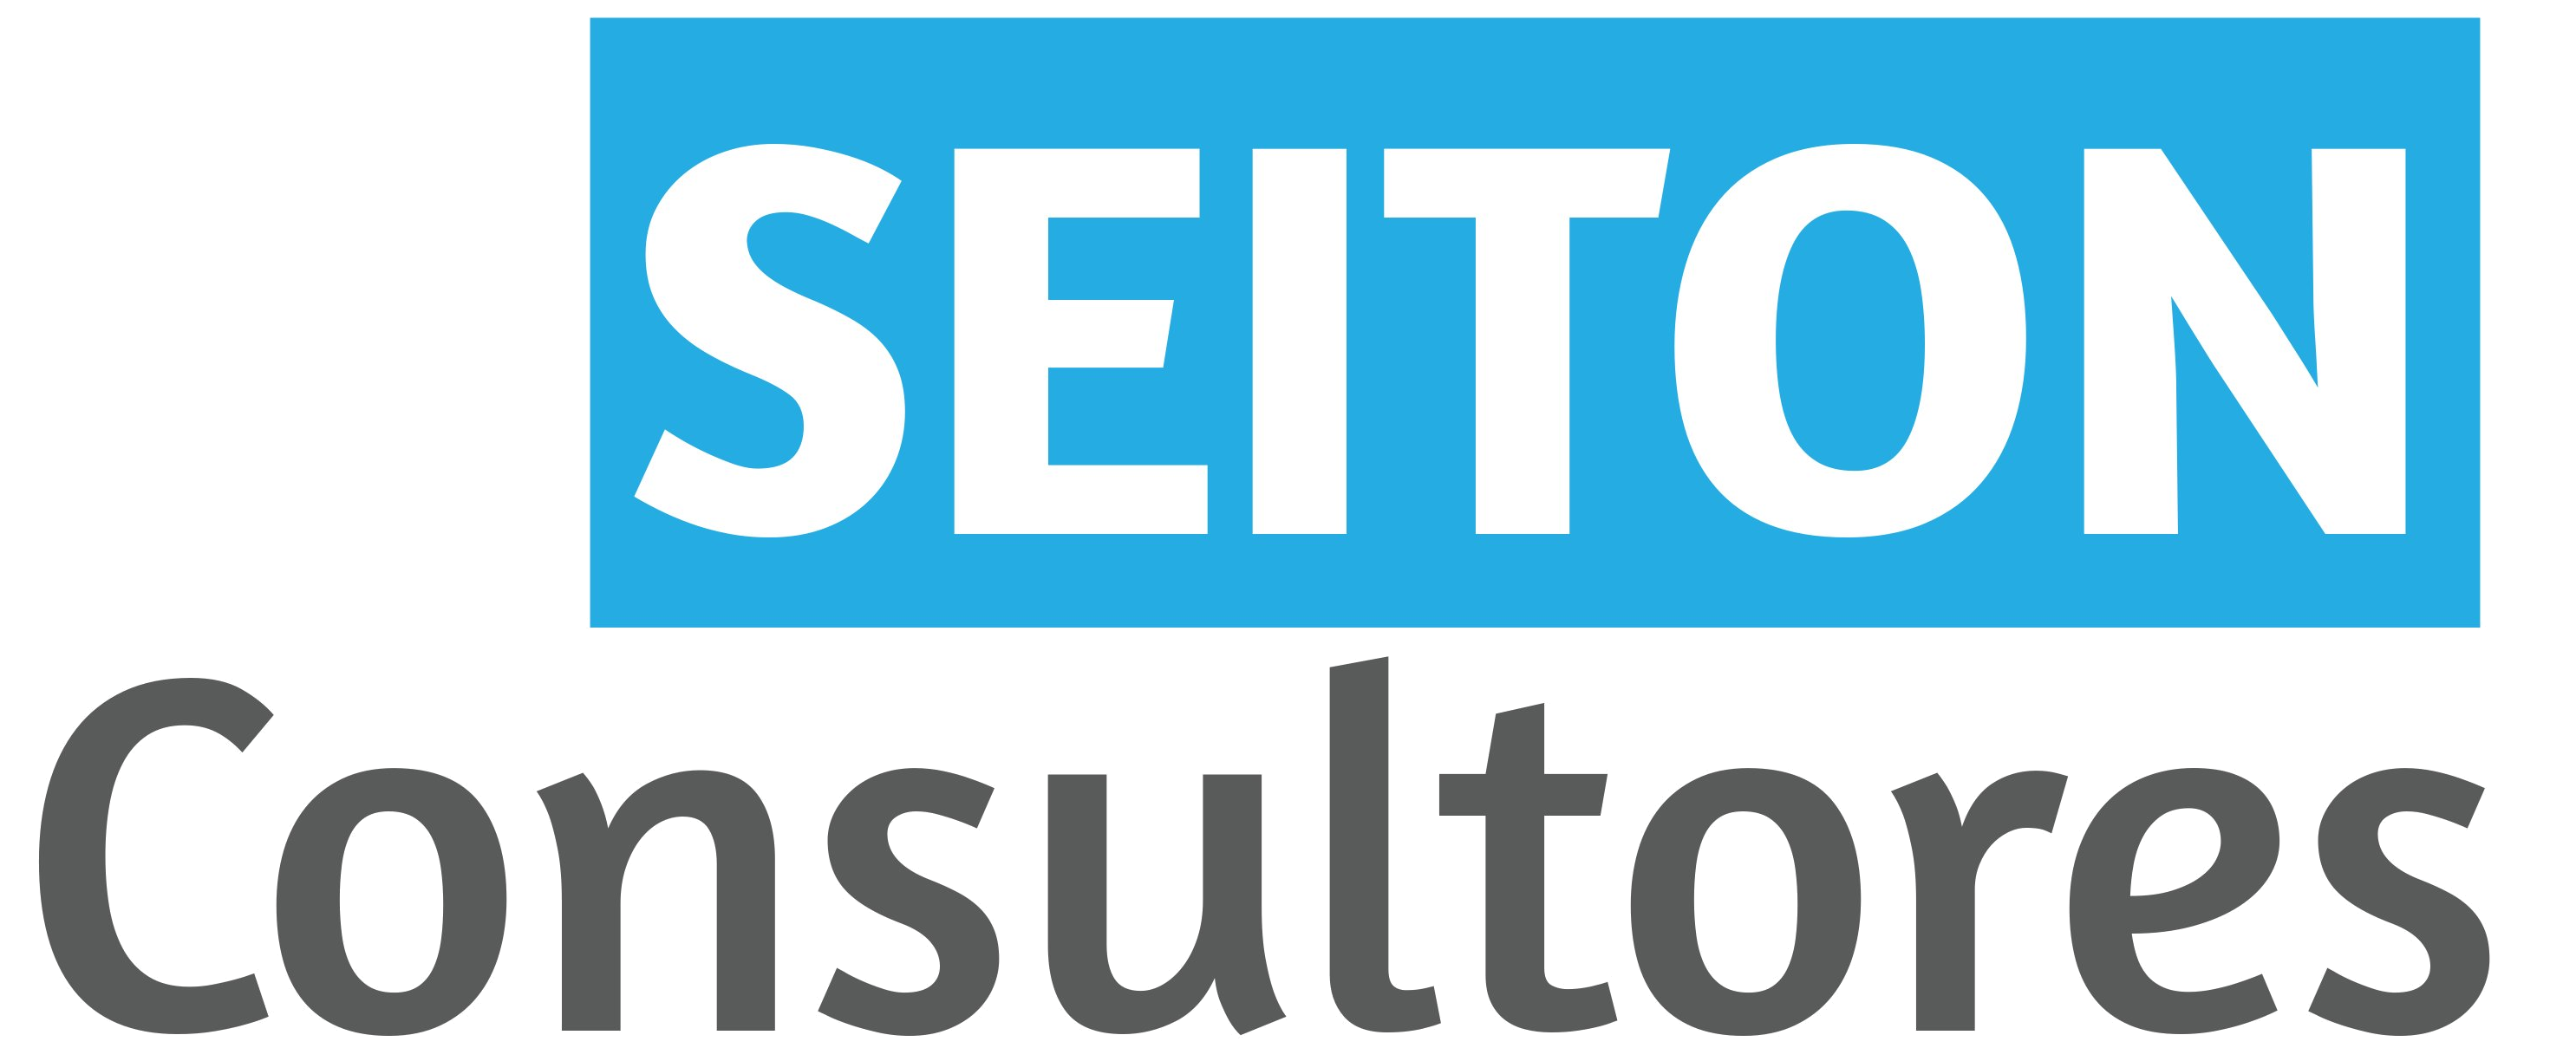 Seiton Consultores SRL